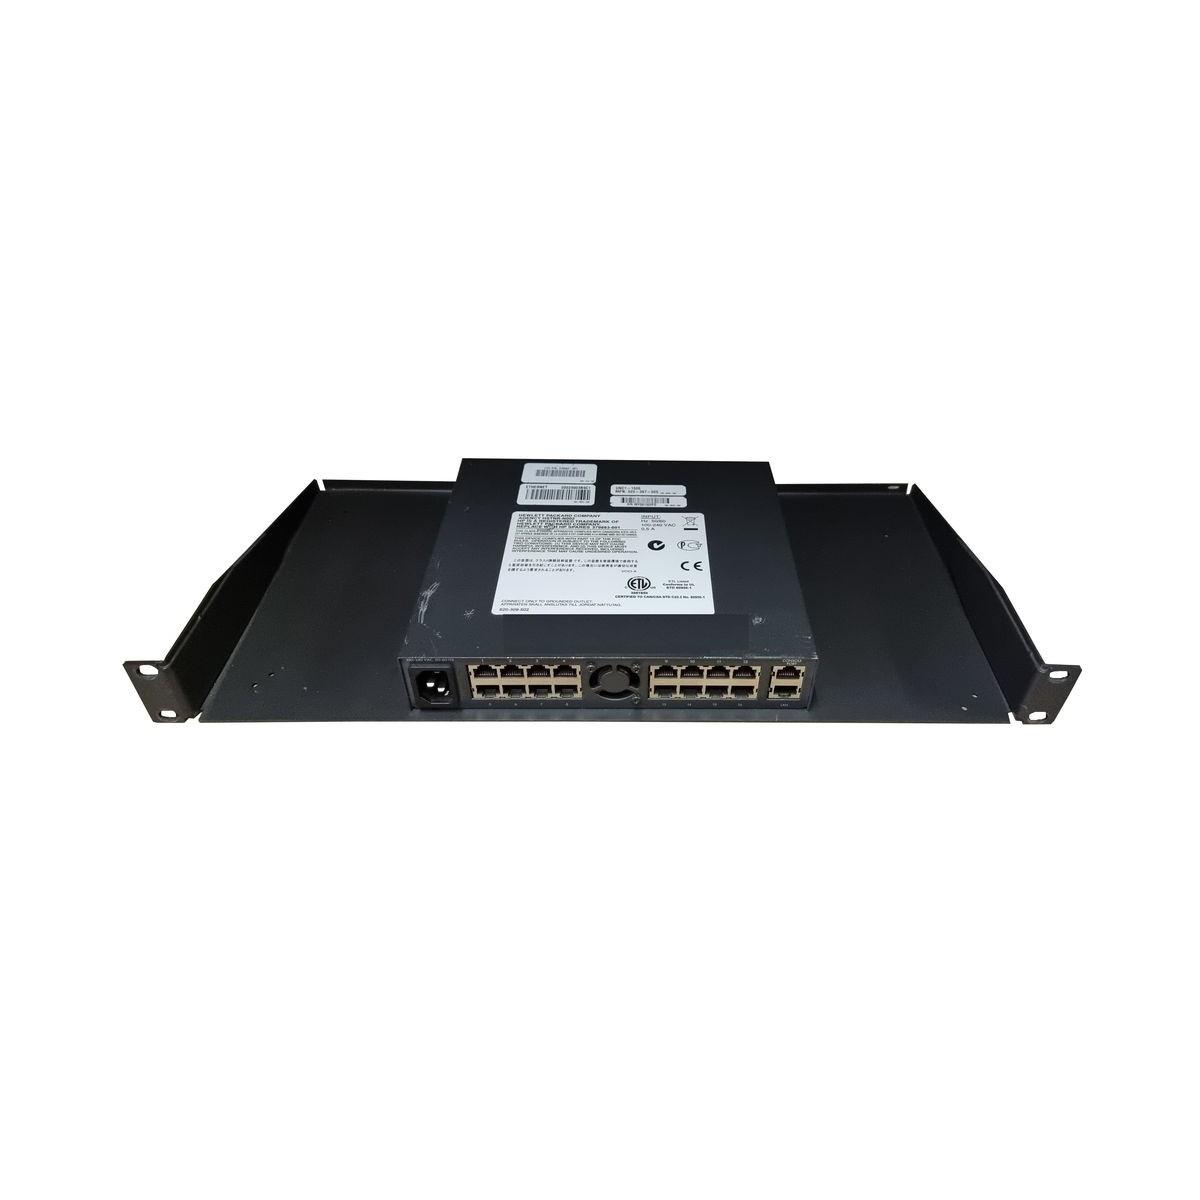 SZYNY IBM STORAGE EXP 300 500 700 37L0067